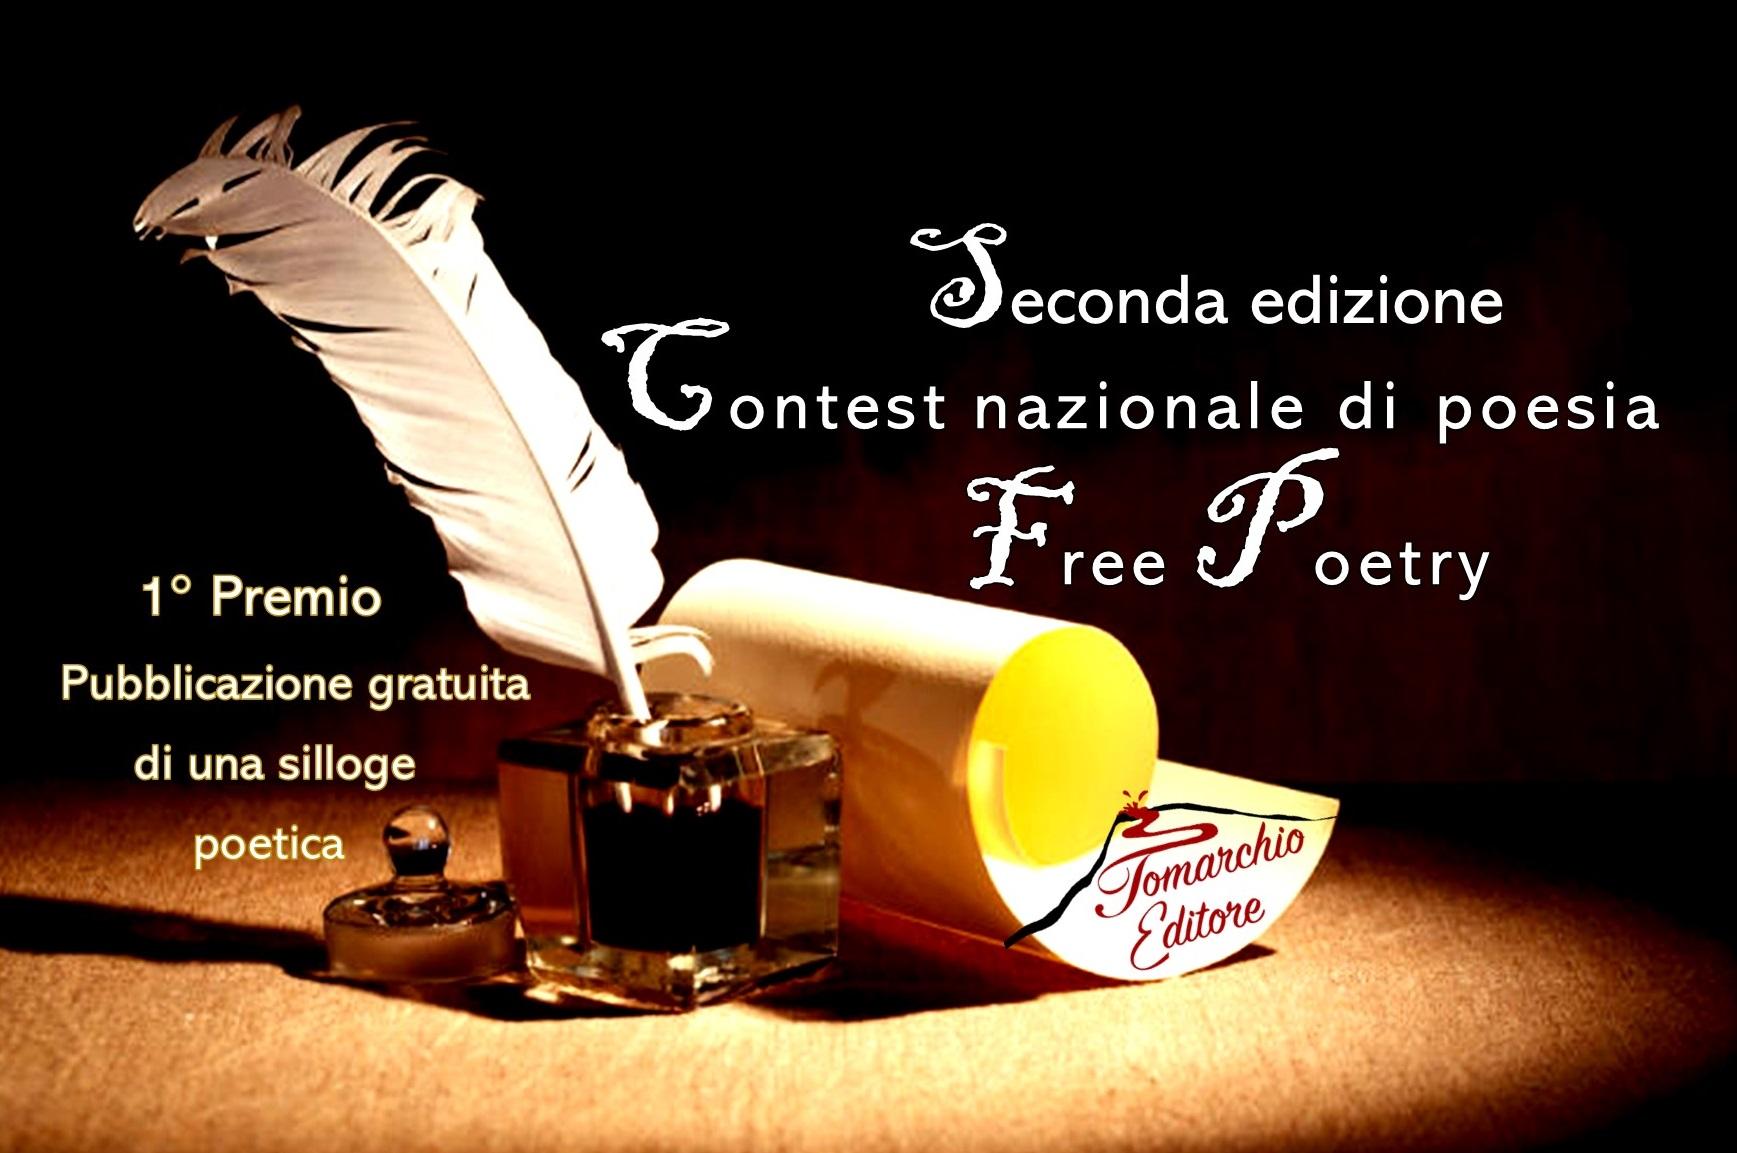 Seconda edizione del Contest nazionale di poesia Free Poetry – partecipazione gratuita